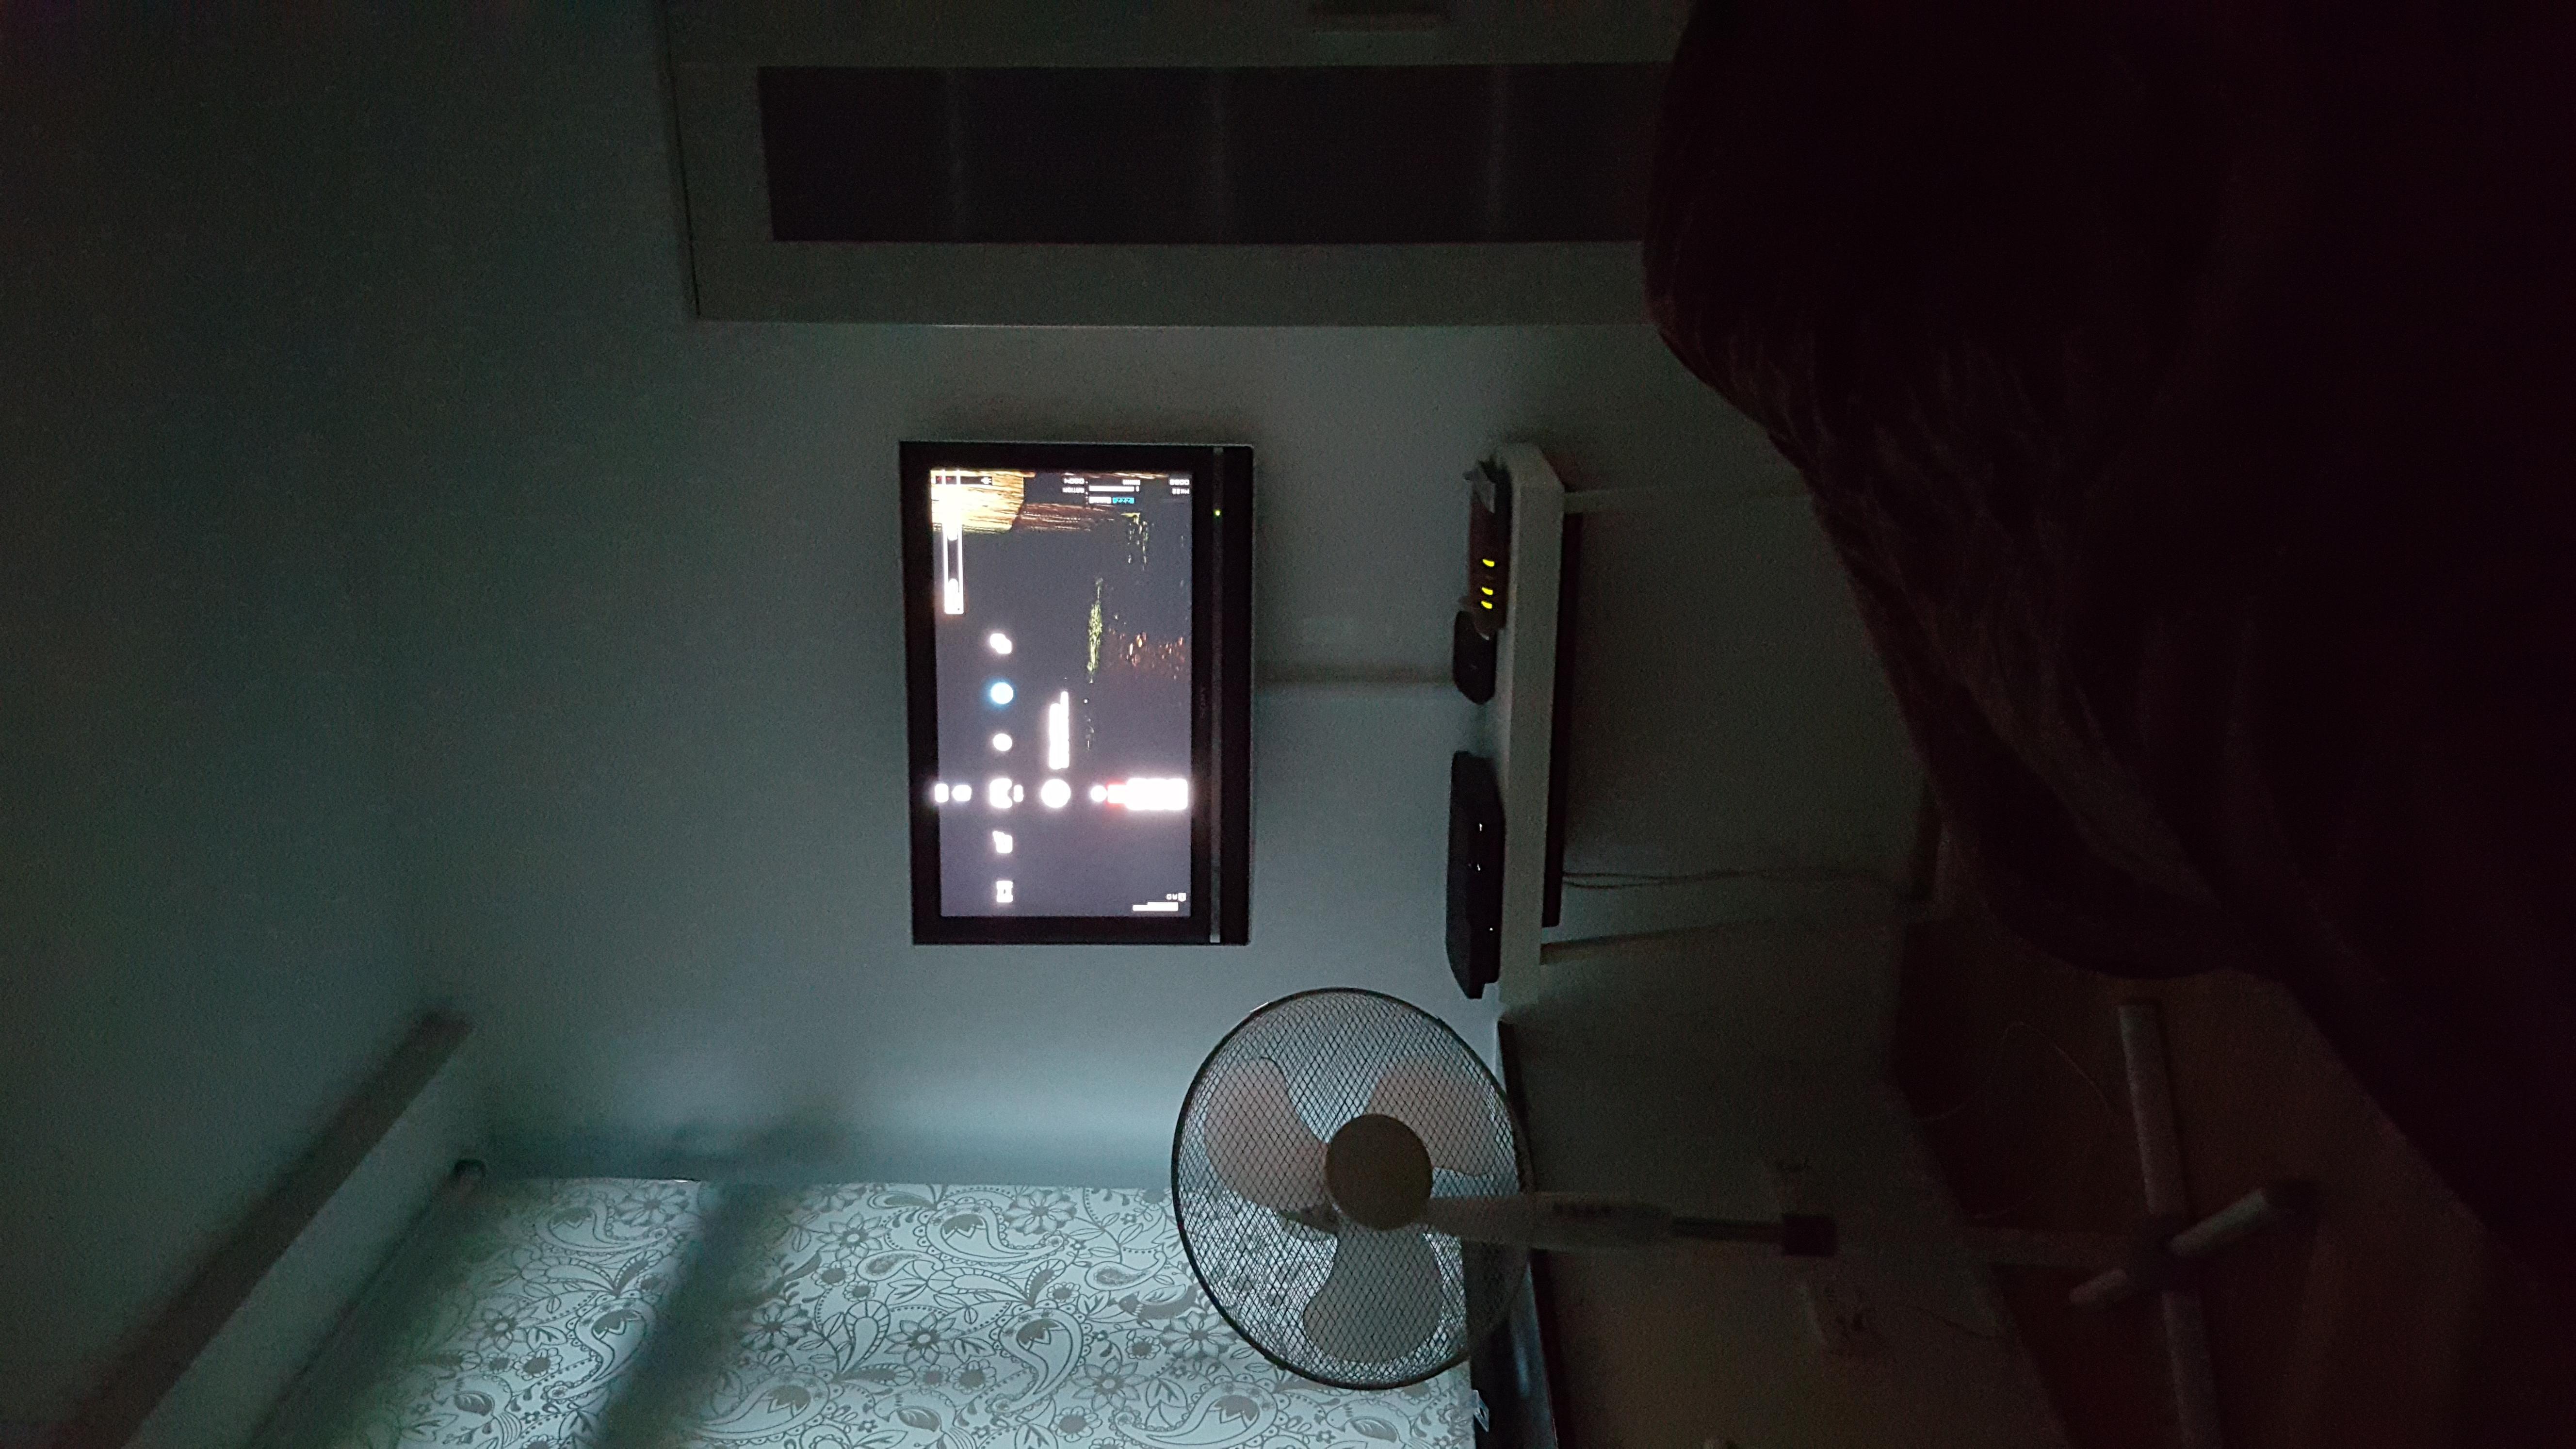 Entzückend Fernseher Für Schlafzimmer Galerie Von Optimale Höhe Für 50zoll Plasma Im Schlafzimmer,